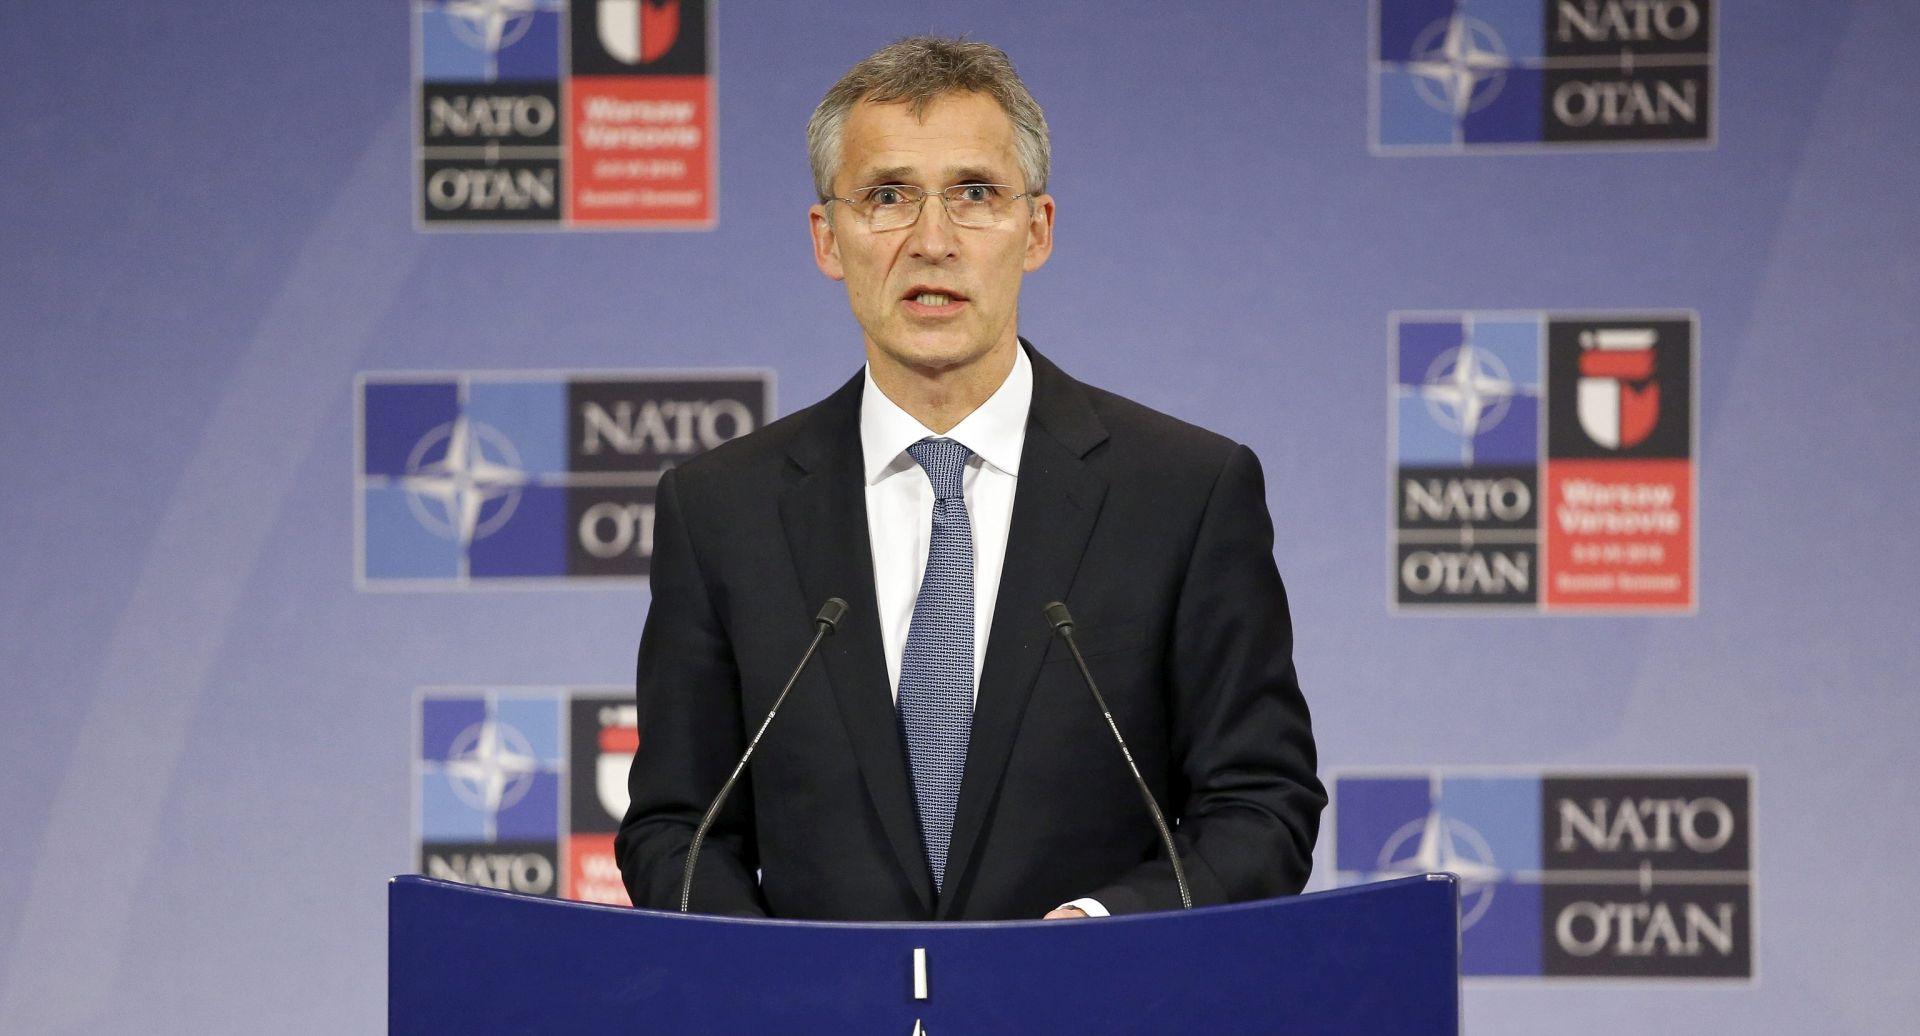 Ministri obrane NATO-a potvrdili jačanje nazočnosti u istočnim članicama